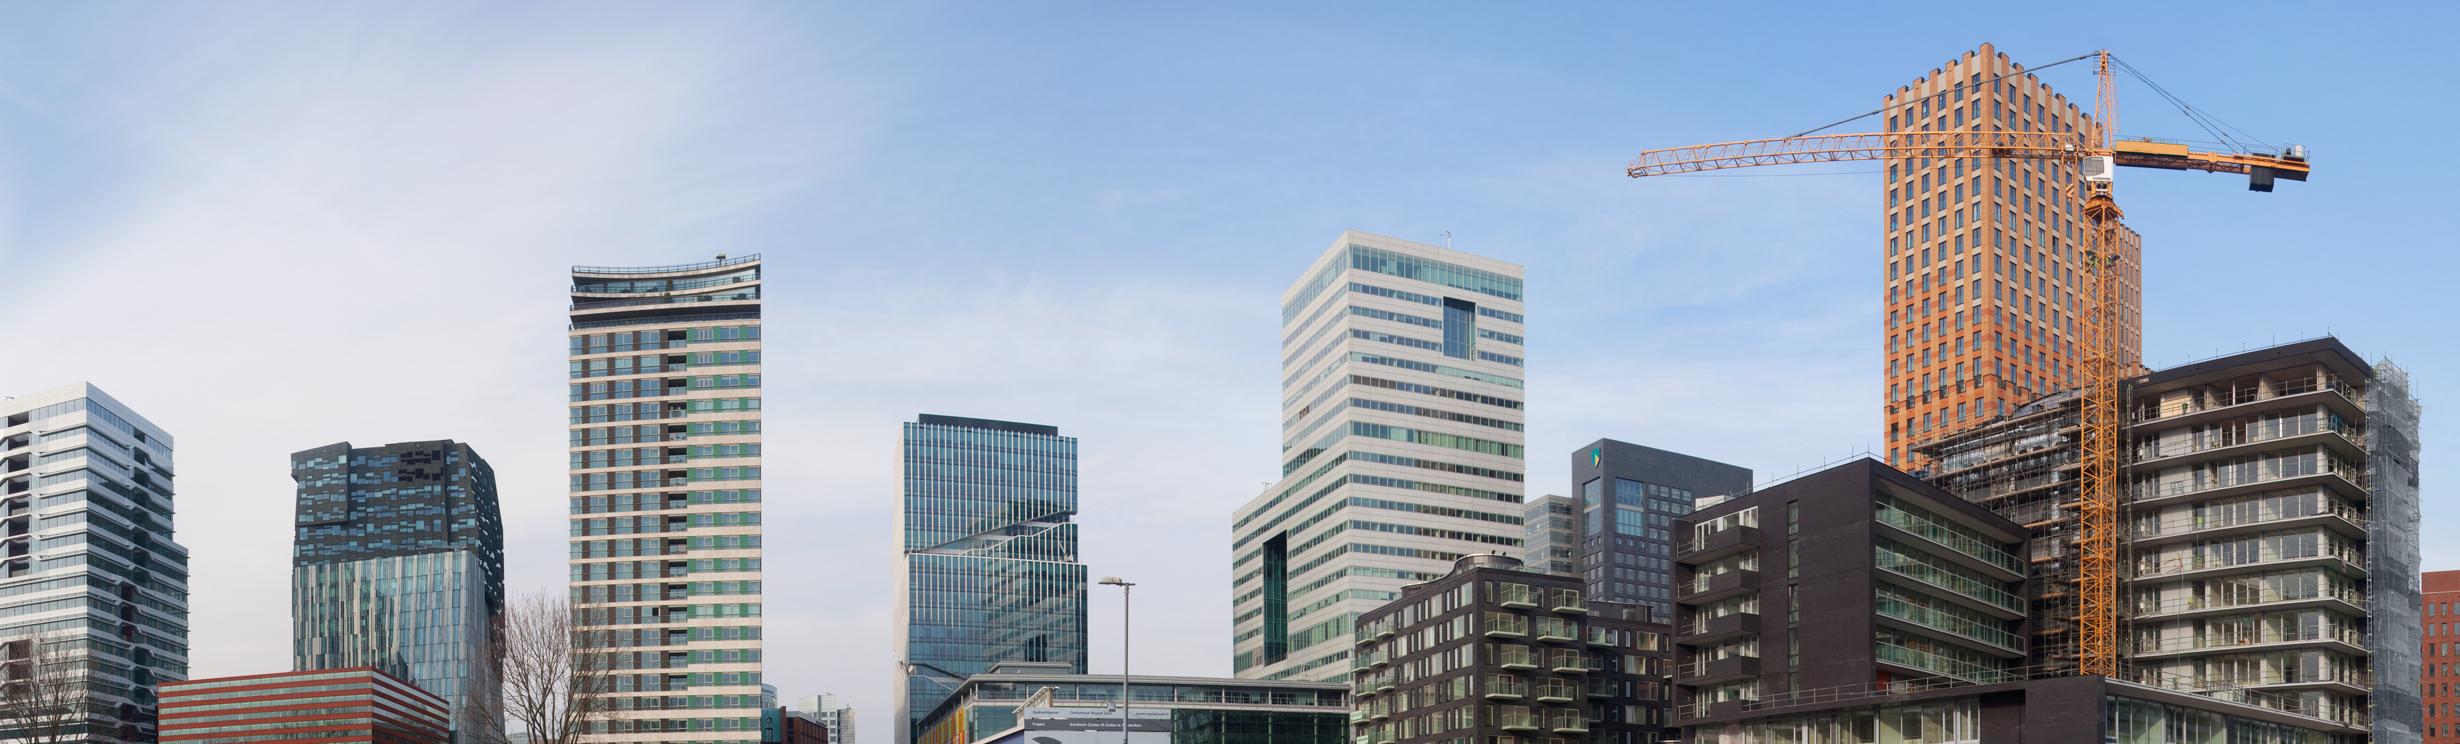 vastgoedmaps-bbn-gebouw-gebied-bedrijf-bedrijven-inzicht